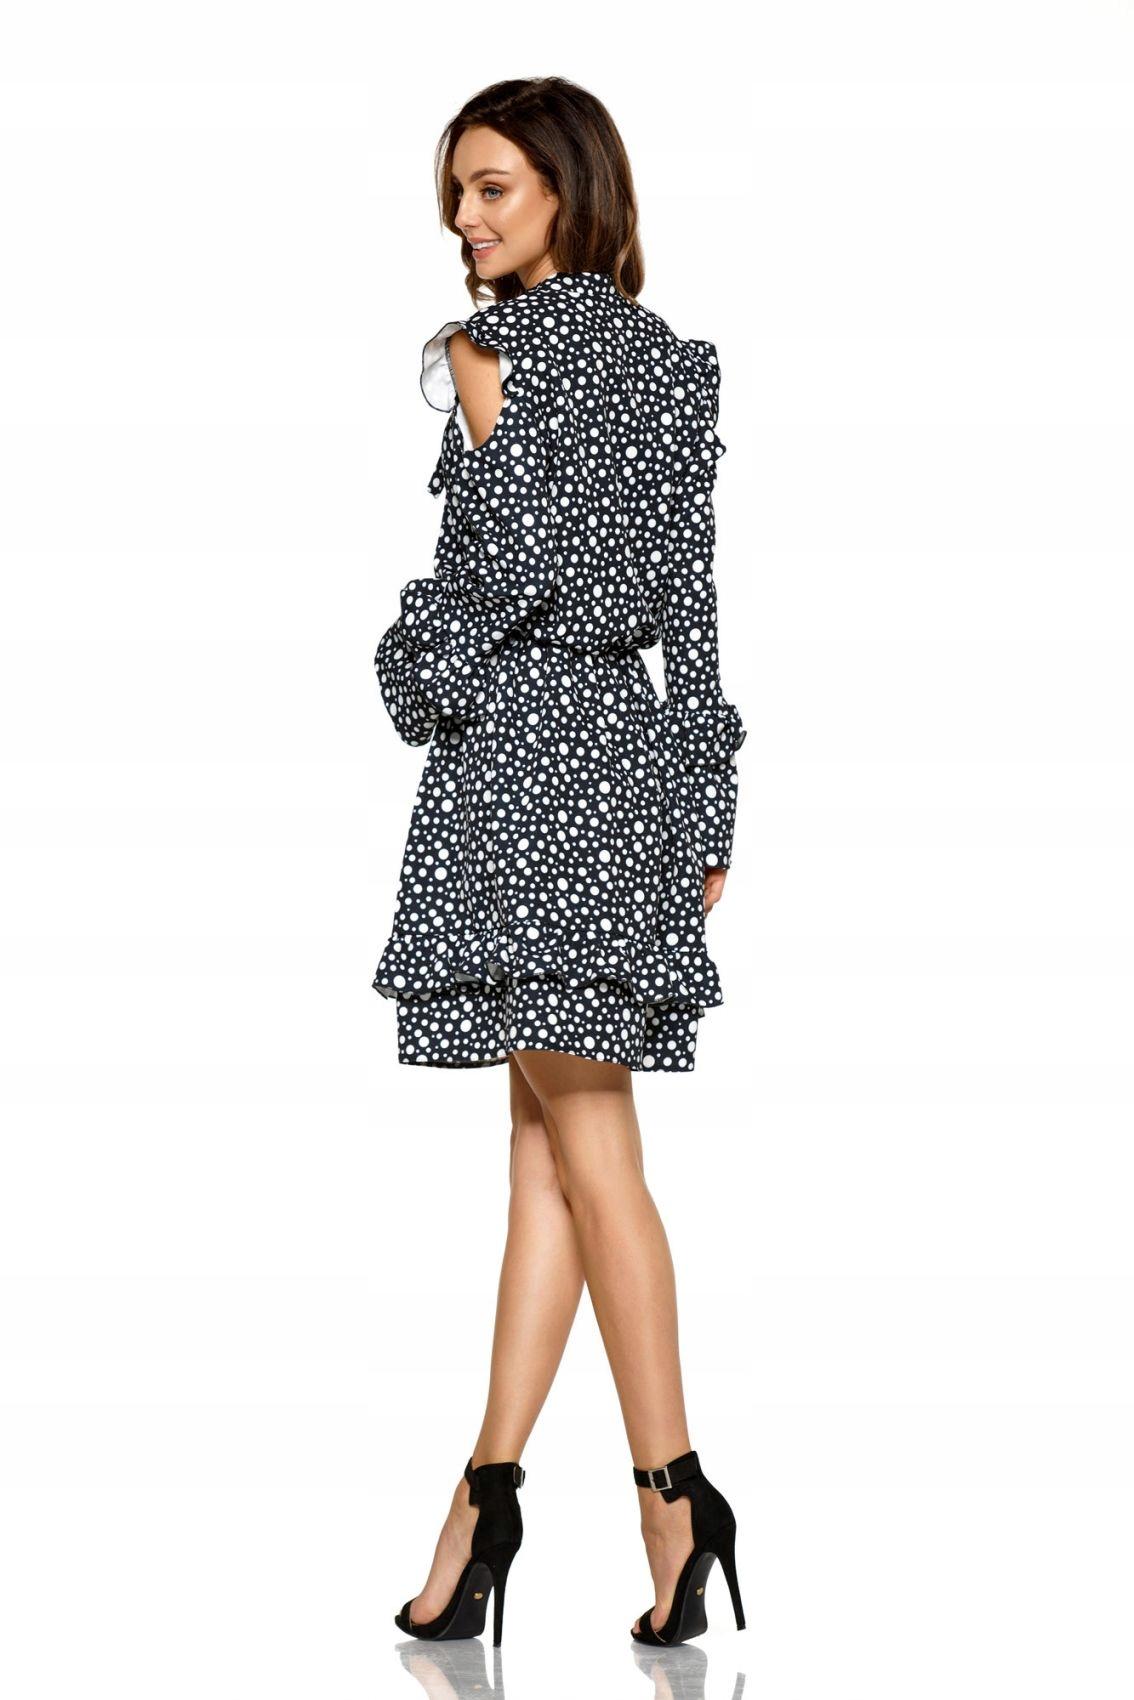 Modna sukienka z wyciętymi ramionami L276 kropki L